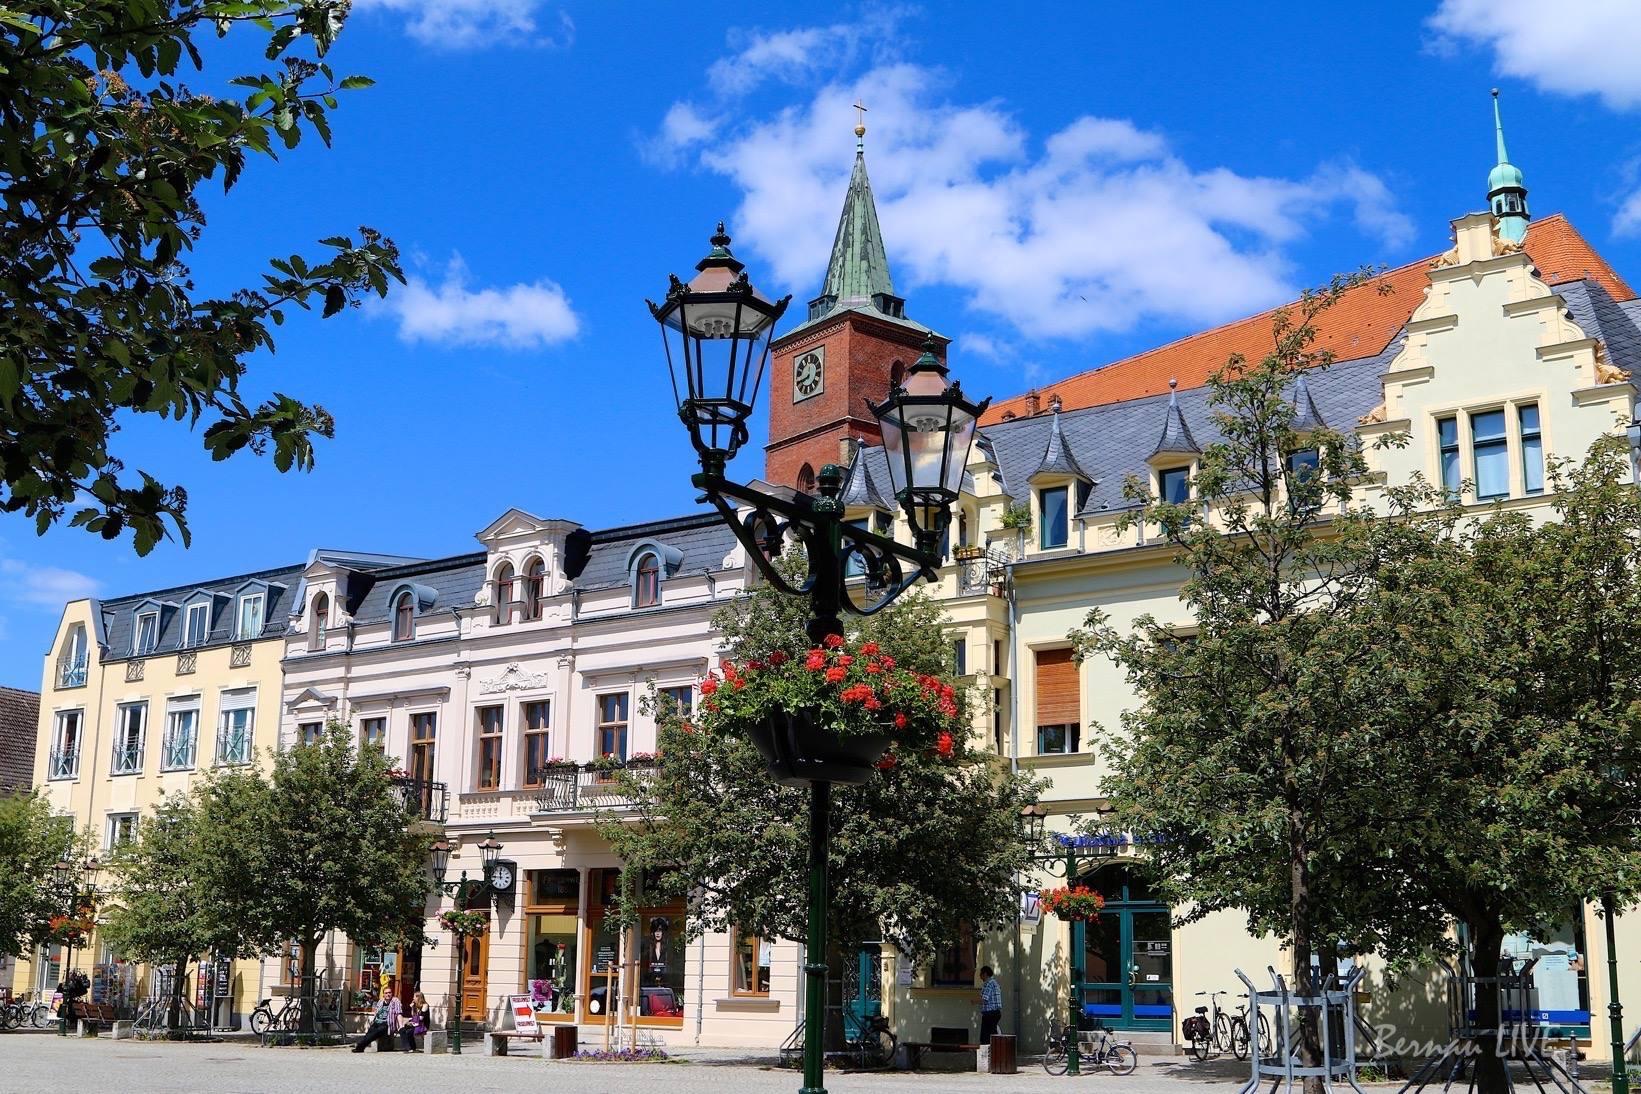 Bernau: Bernauer Blumenampeln gehen morgen in den Winterschlaf